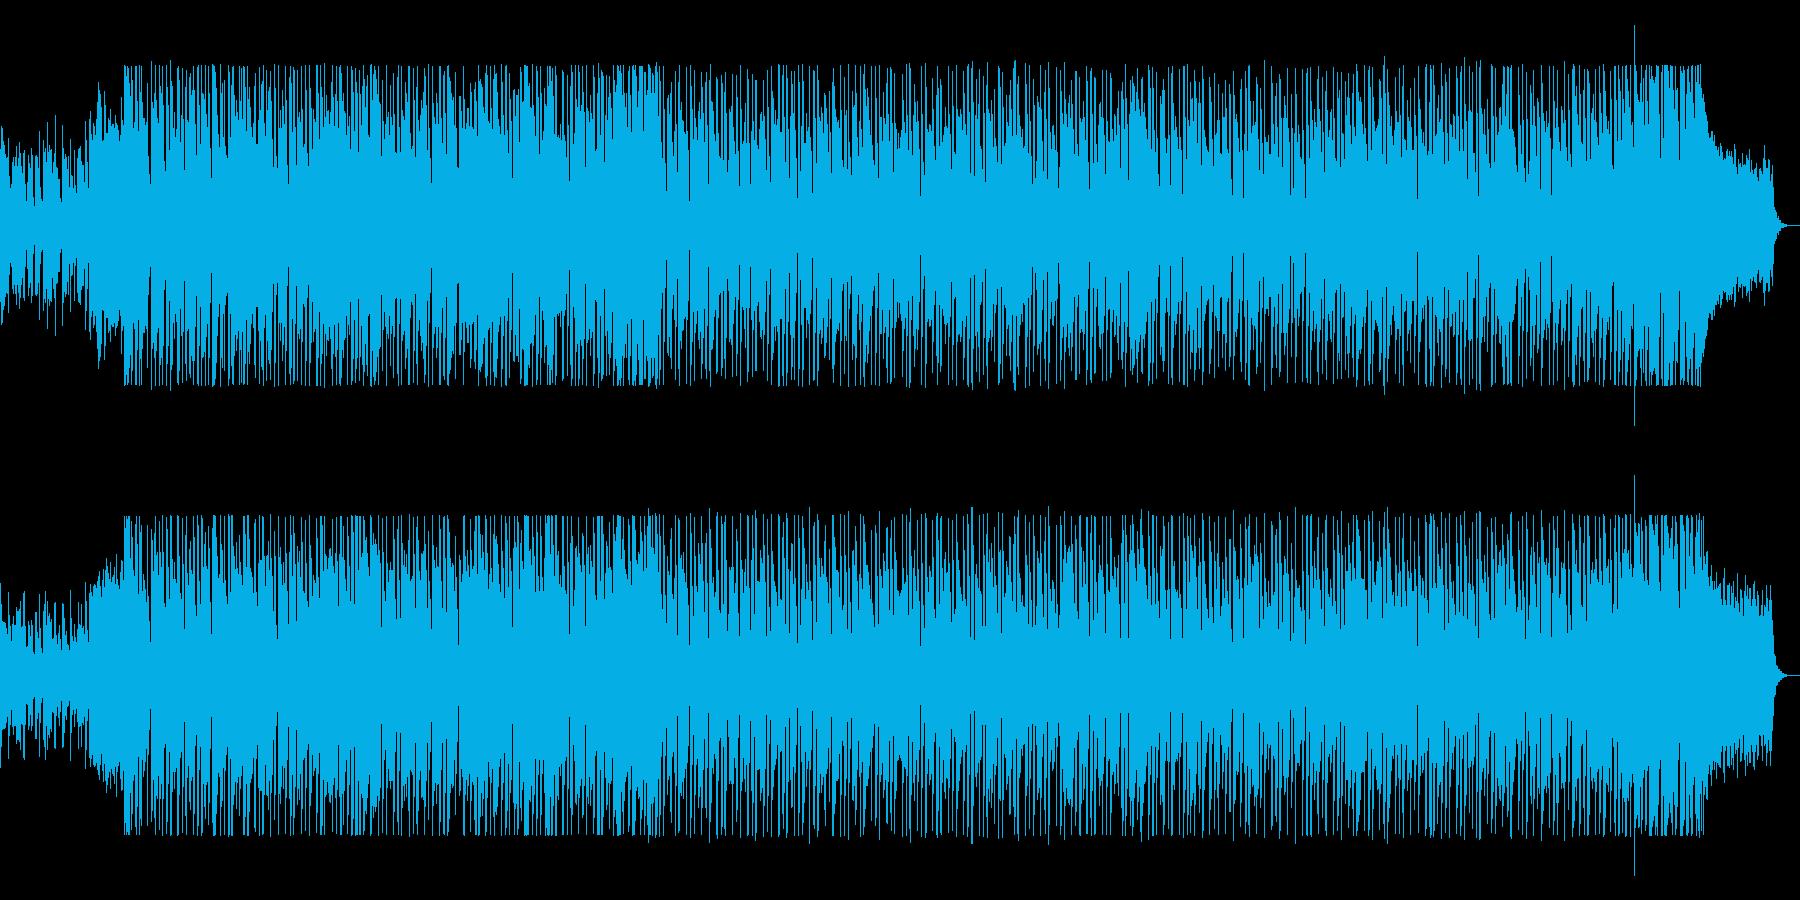 シンセの躍動感ある軽快なポップスの再生済みの波形